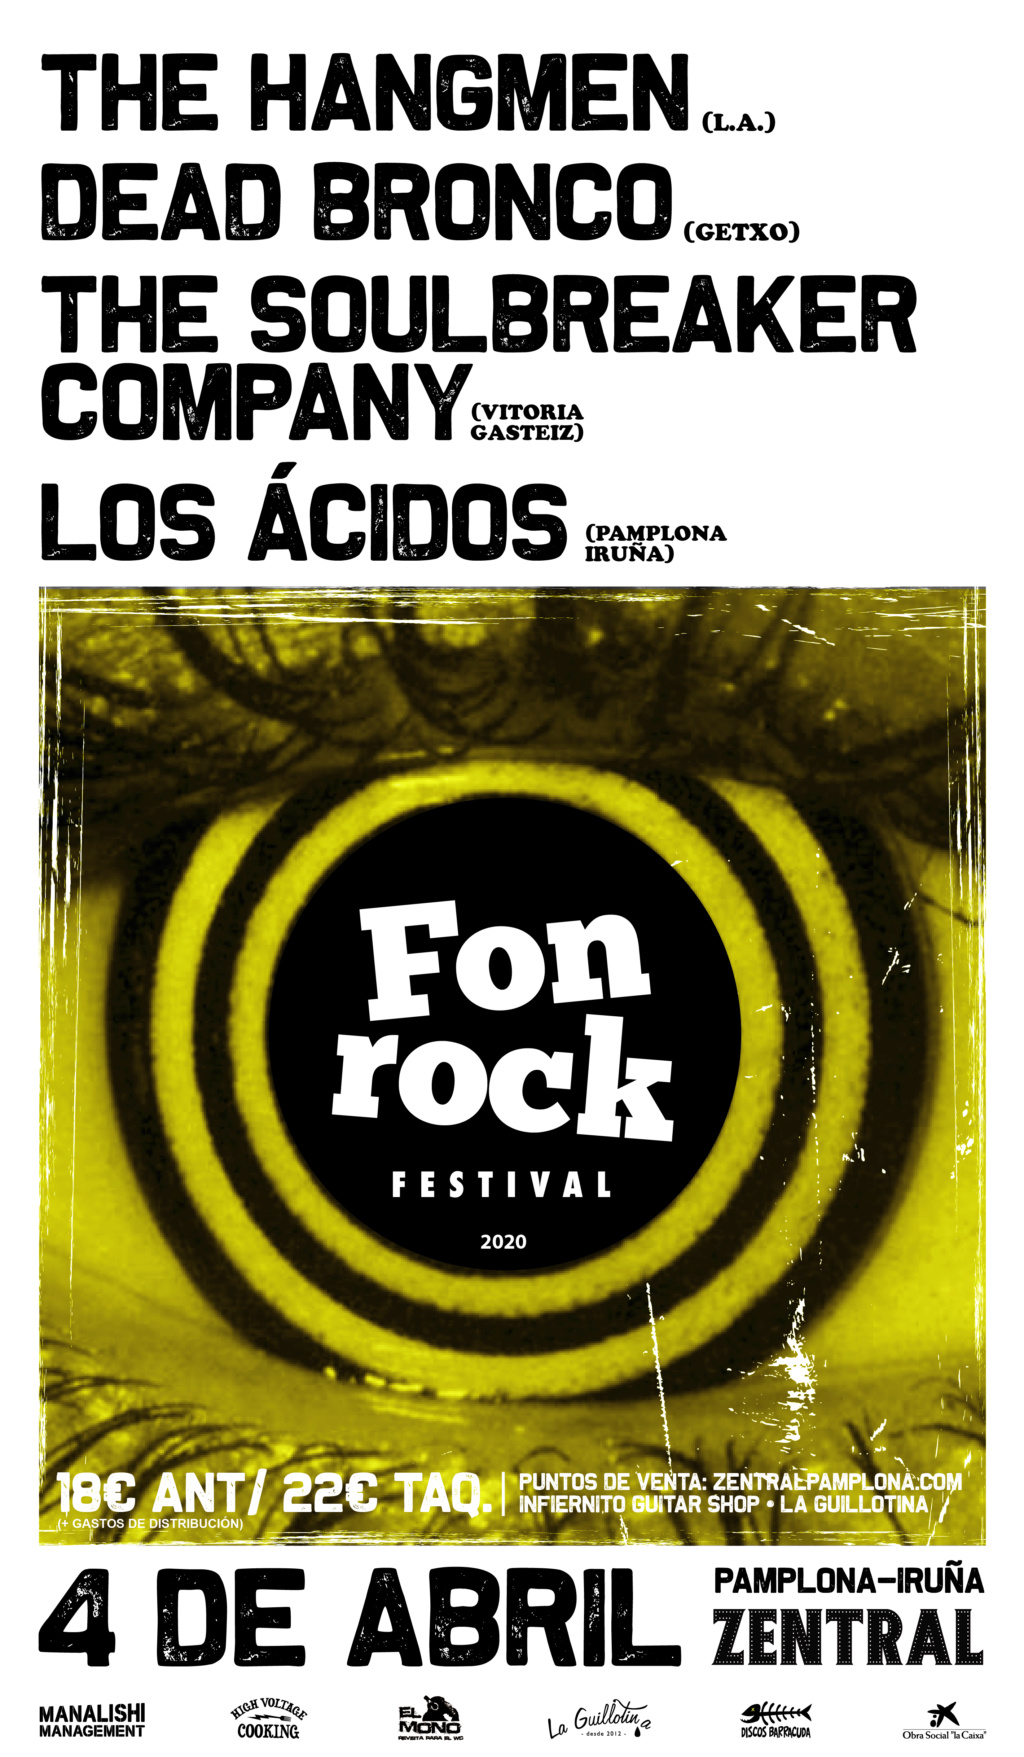 Fonrock 2020:  The Hangmen, Dead Bronco, The Soulbreaker Company & Los Acidos. 4 de abril en Zentral - Página 2 Fonroc10